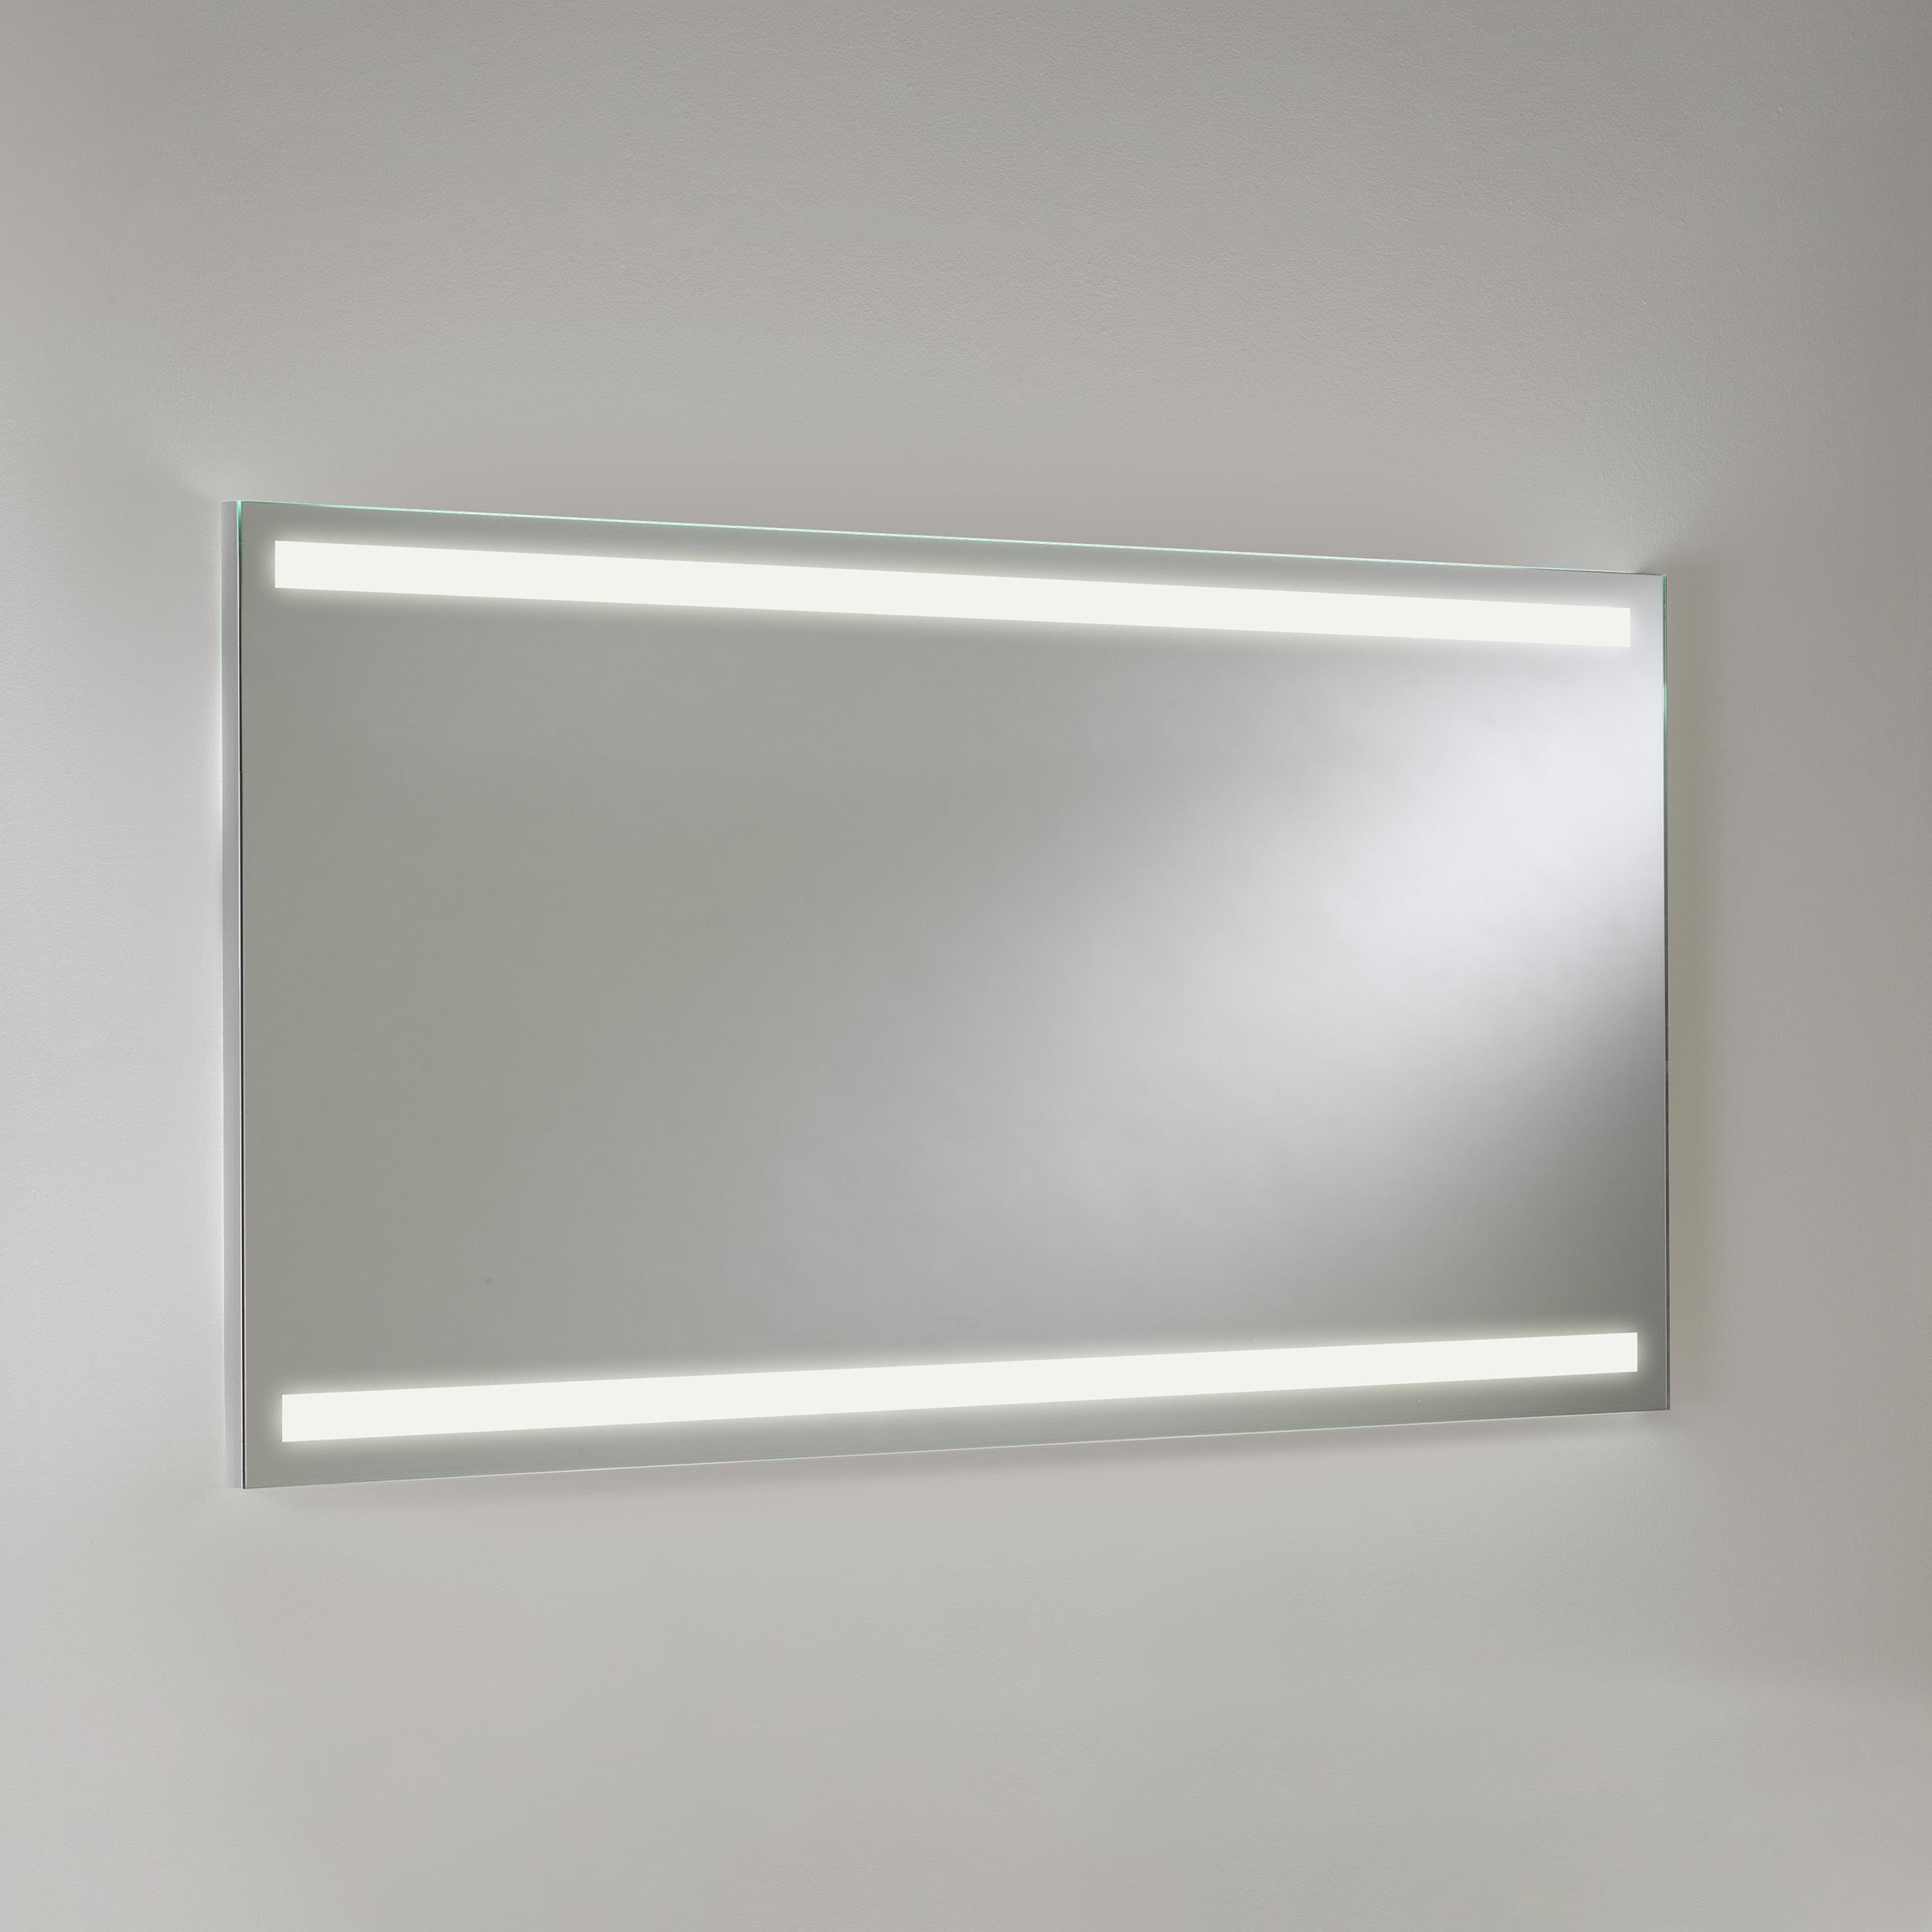 Зеркало со светодиодной подсветкой Astro Avlon 1359001 (7409), IP44, LED 19,2W 3000K CRI80, зеркальный, металл - фото 1